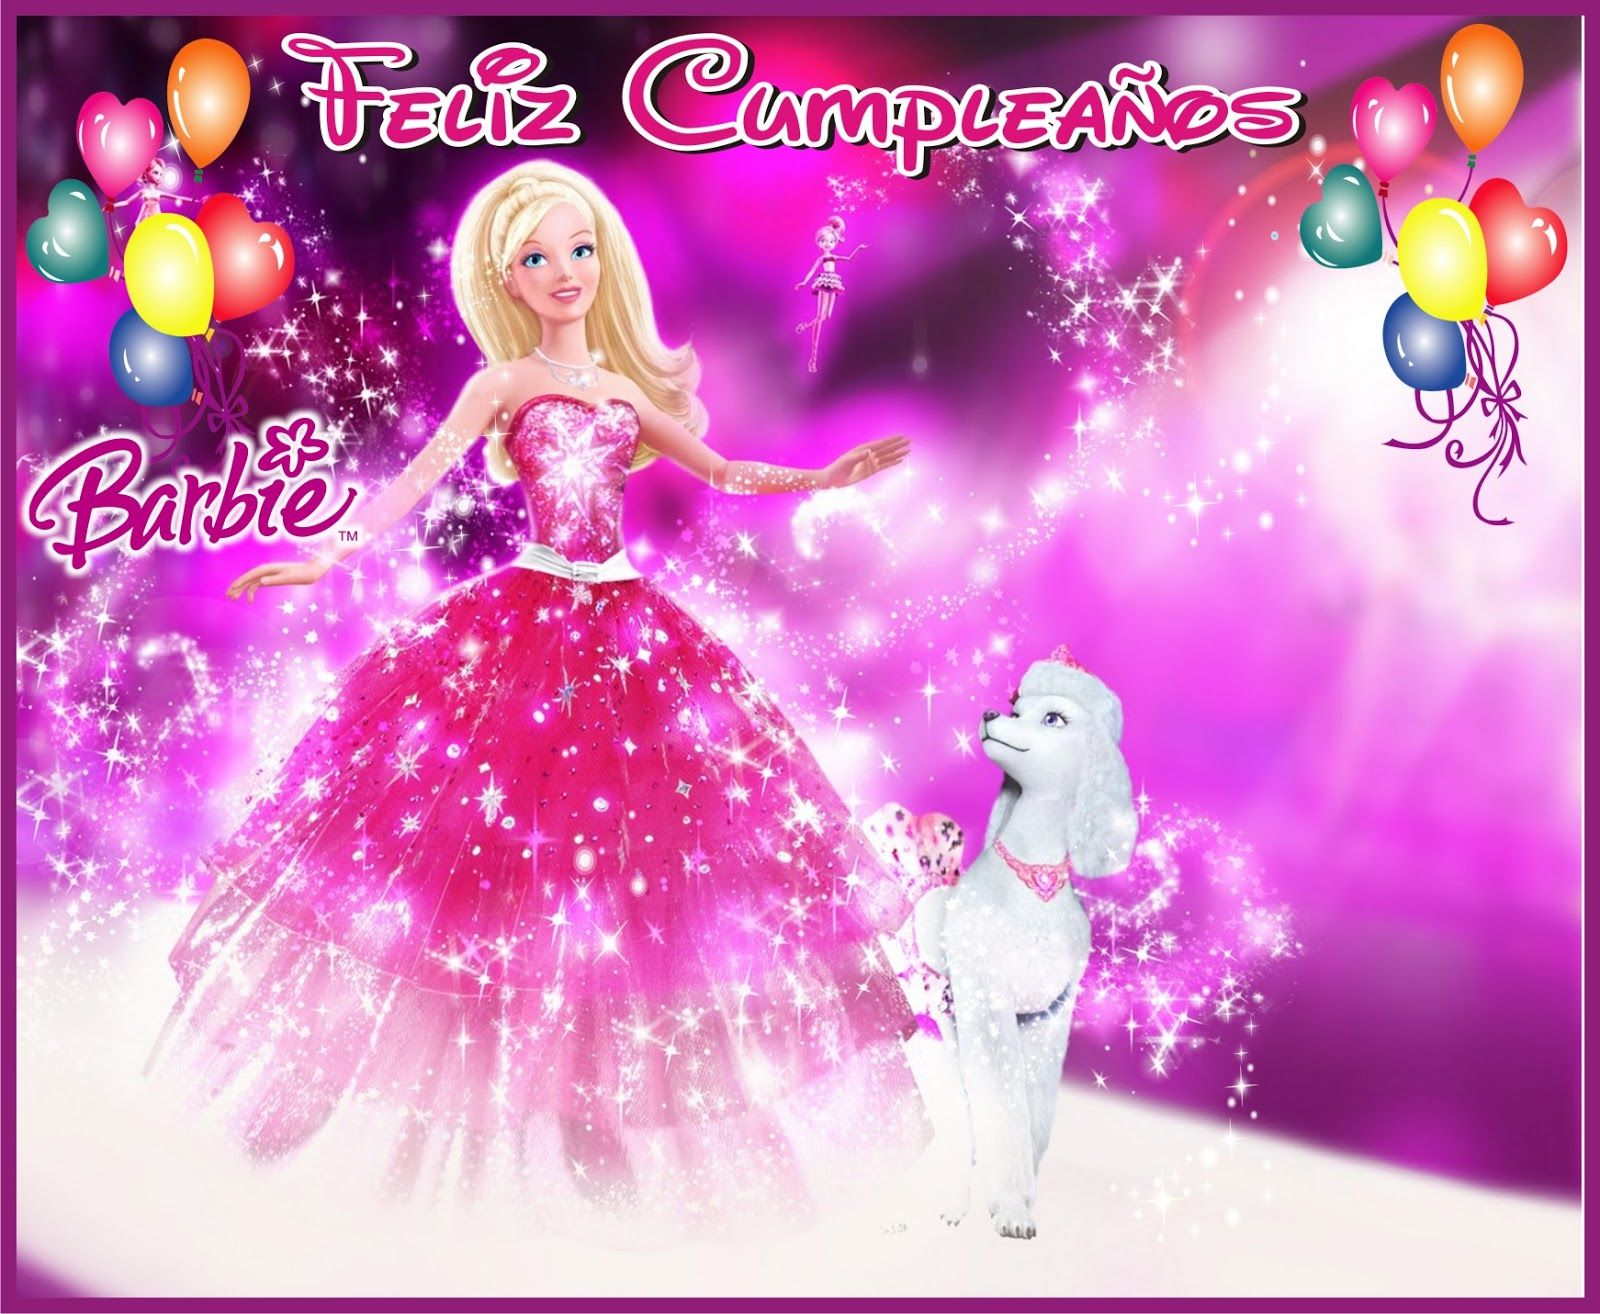 Tarjetas De Cumpleaños Barbie En Hd Gratis Para Descargar 4 en HD ...